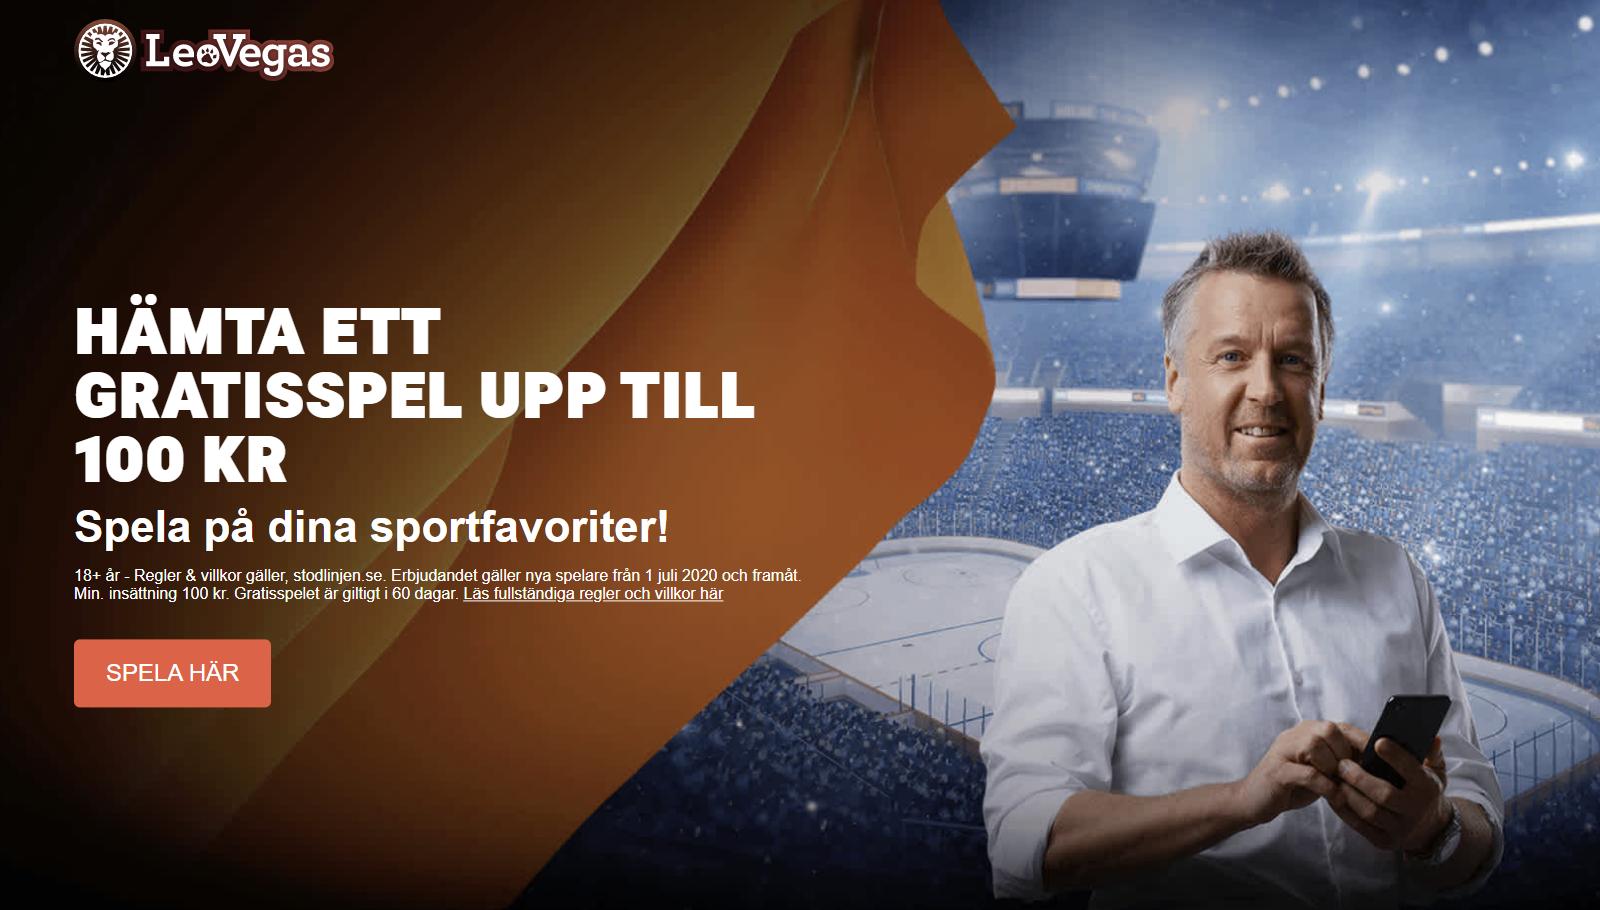 Leovegas sport bonus - gratisspel upp till 100 kr